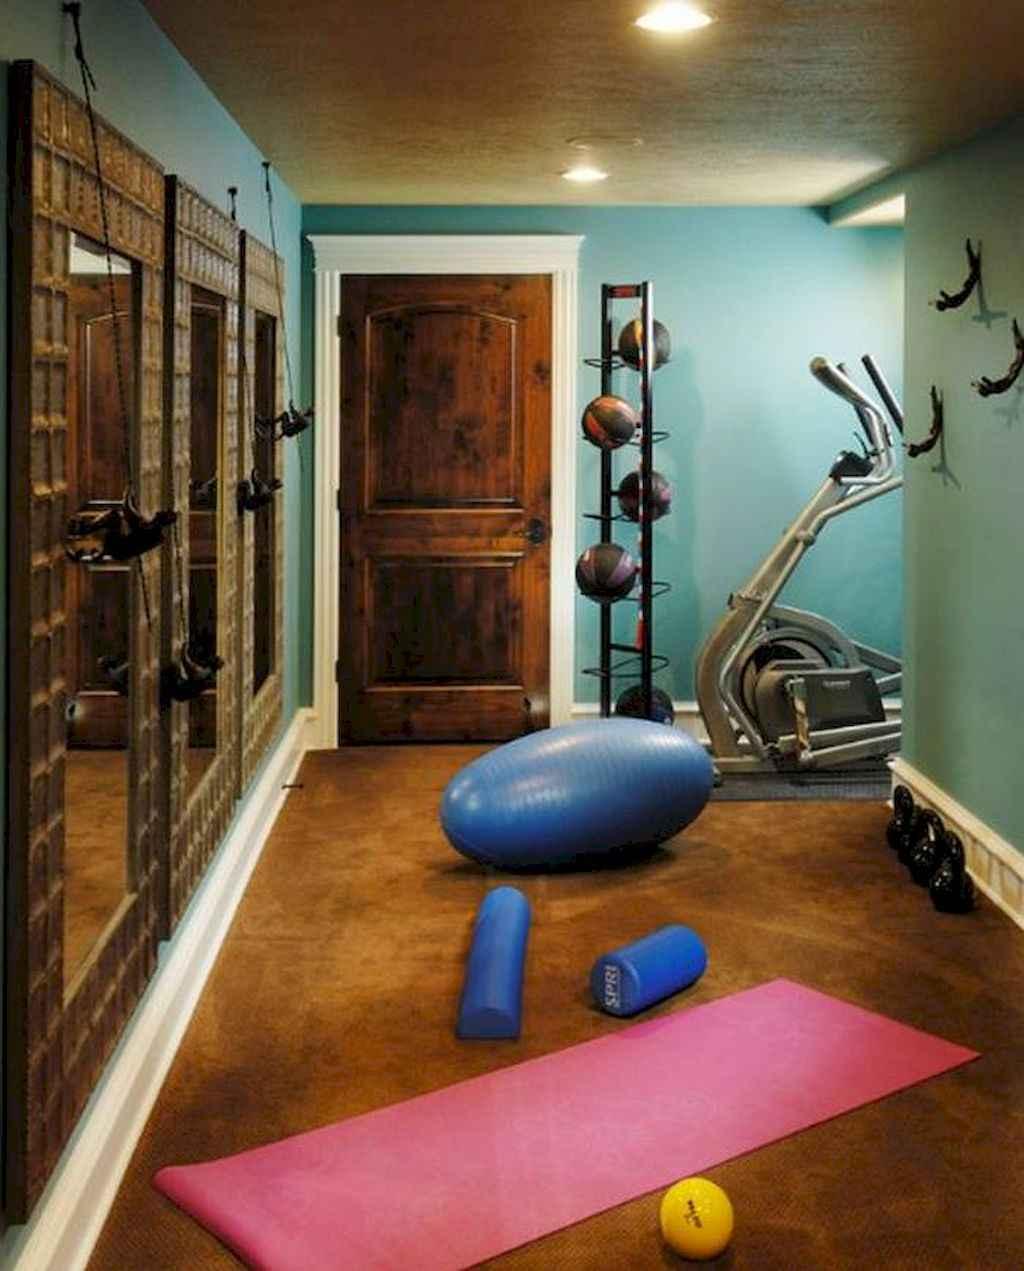 Home gym ideas small spaces 47 livingmarch.com